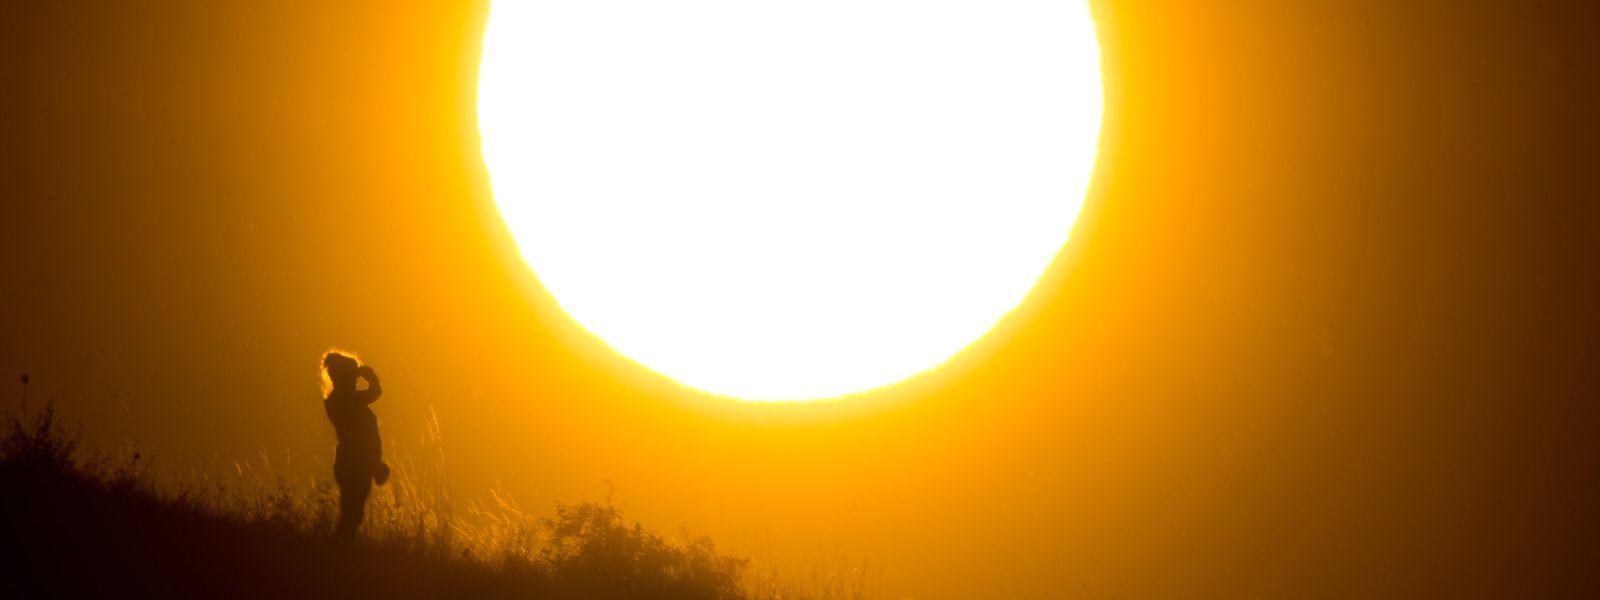 Geht es weiter wie bisher, leben wir Ende dieses Jahrhunderts wohl in einer drei bis vier Grad wärmeren Welt.